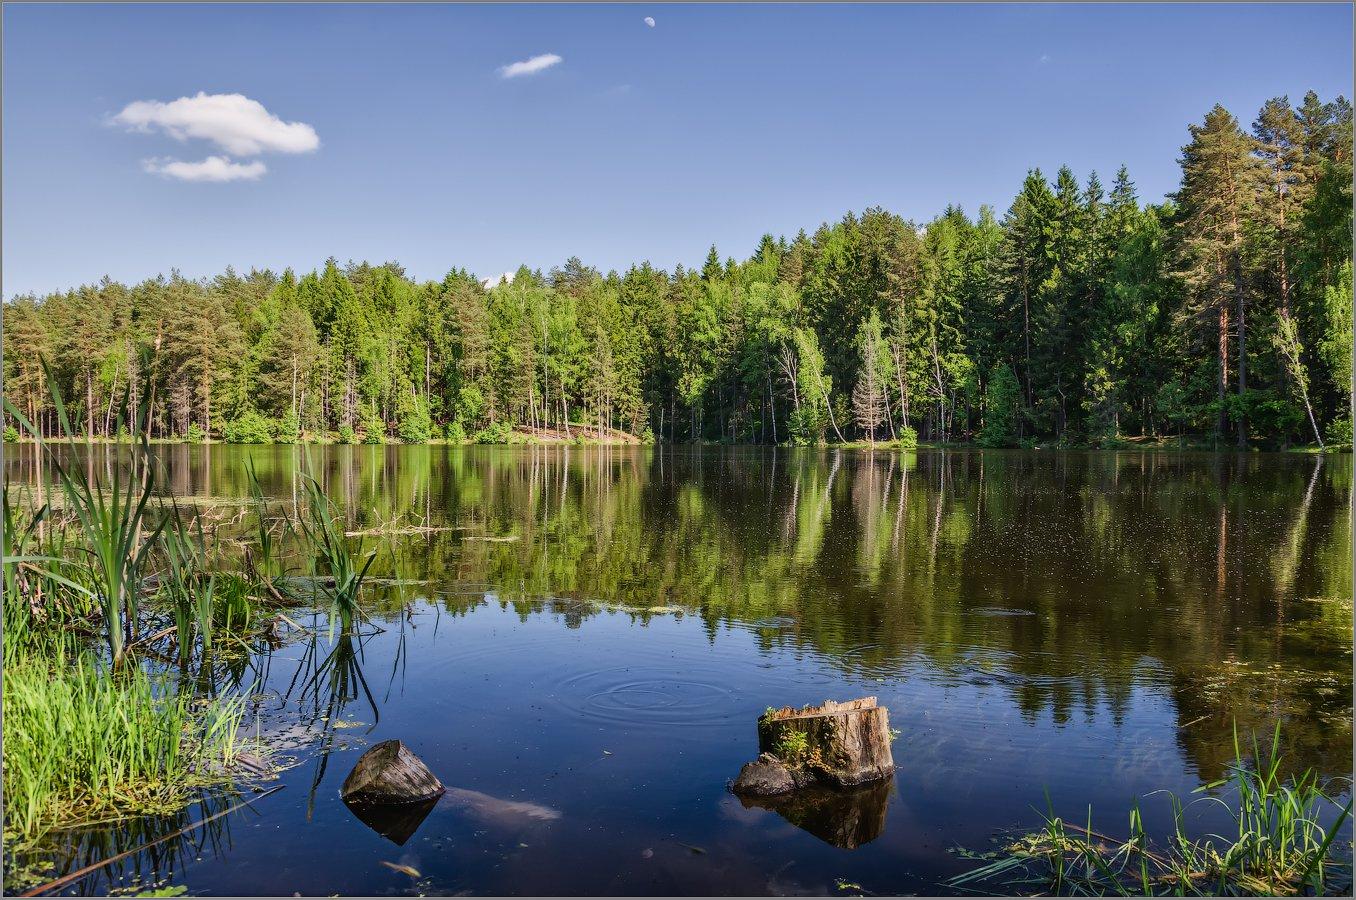 На лесном озере (снимок сделан 23 мая 2018 г.)